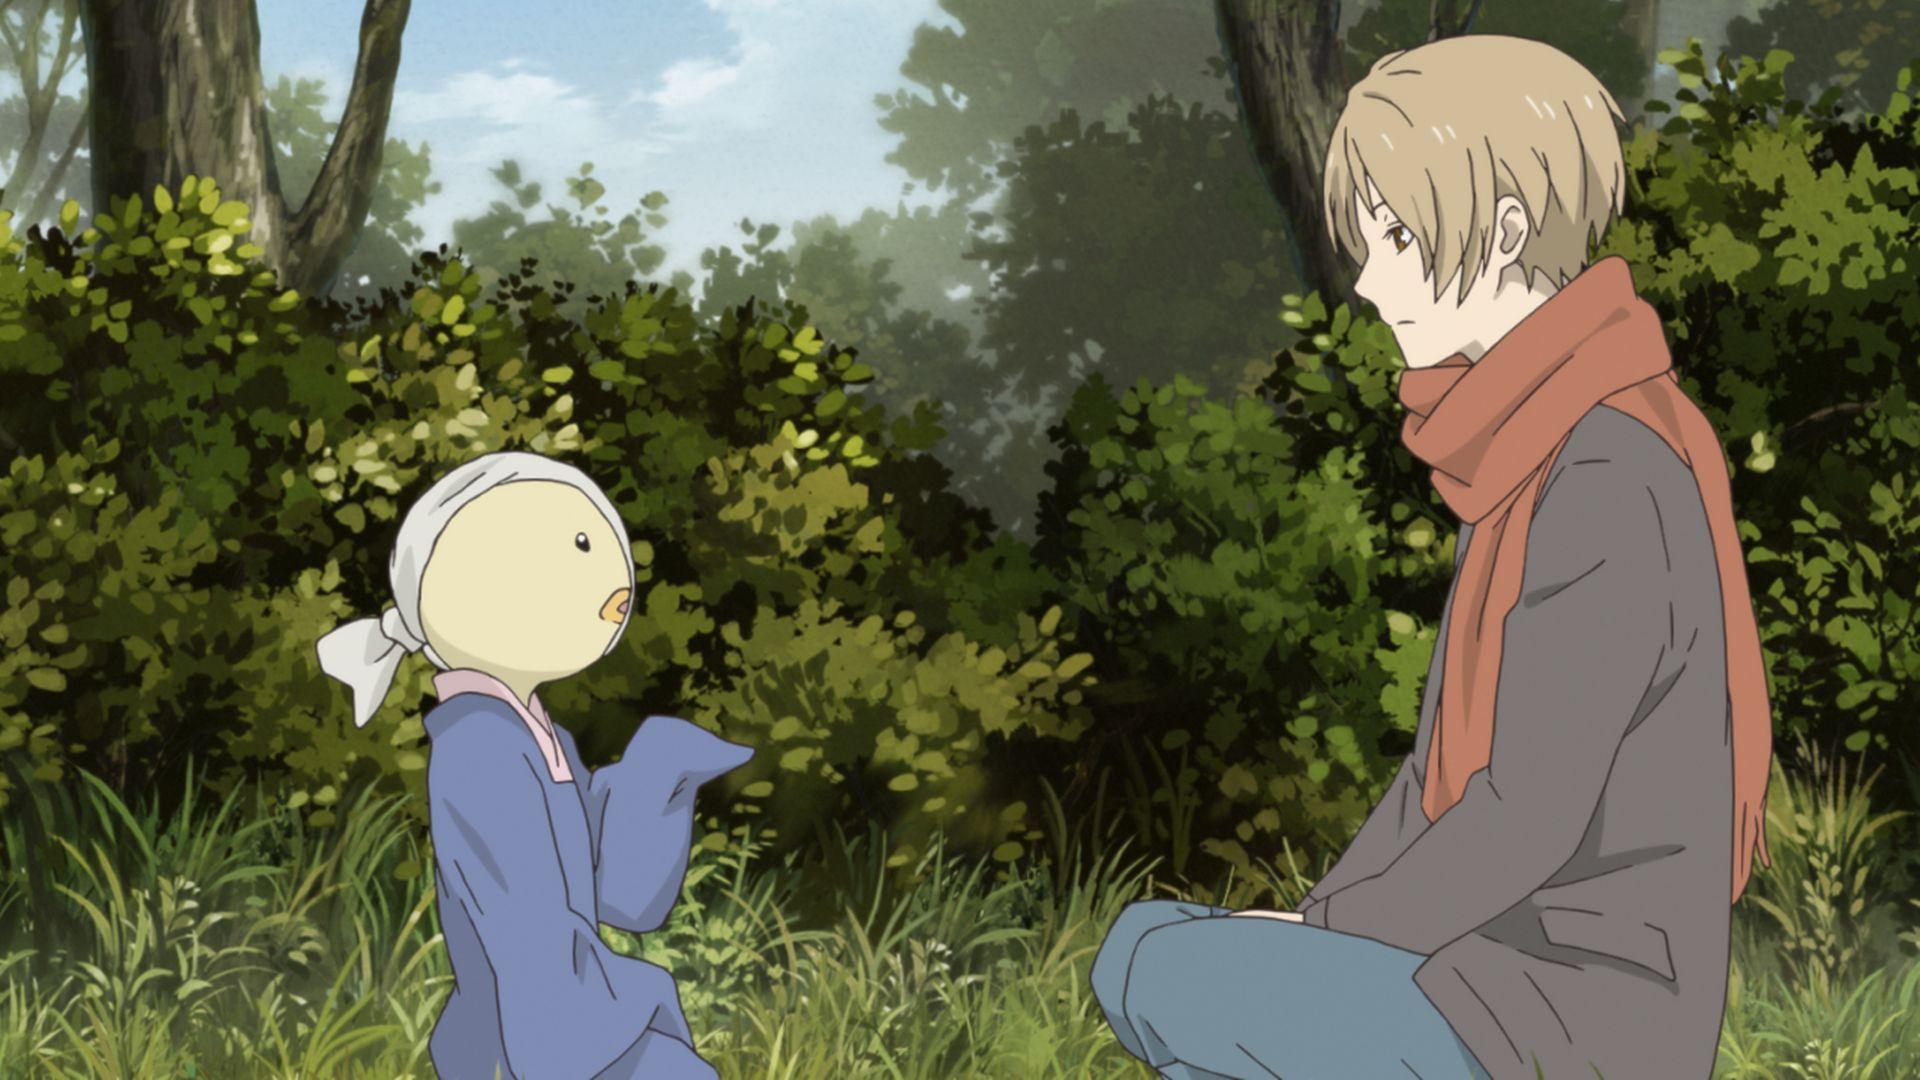 《夏目友人帳特別上映版—喚石與可疑訪客》劇照